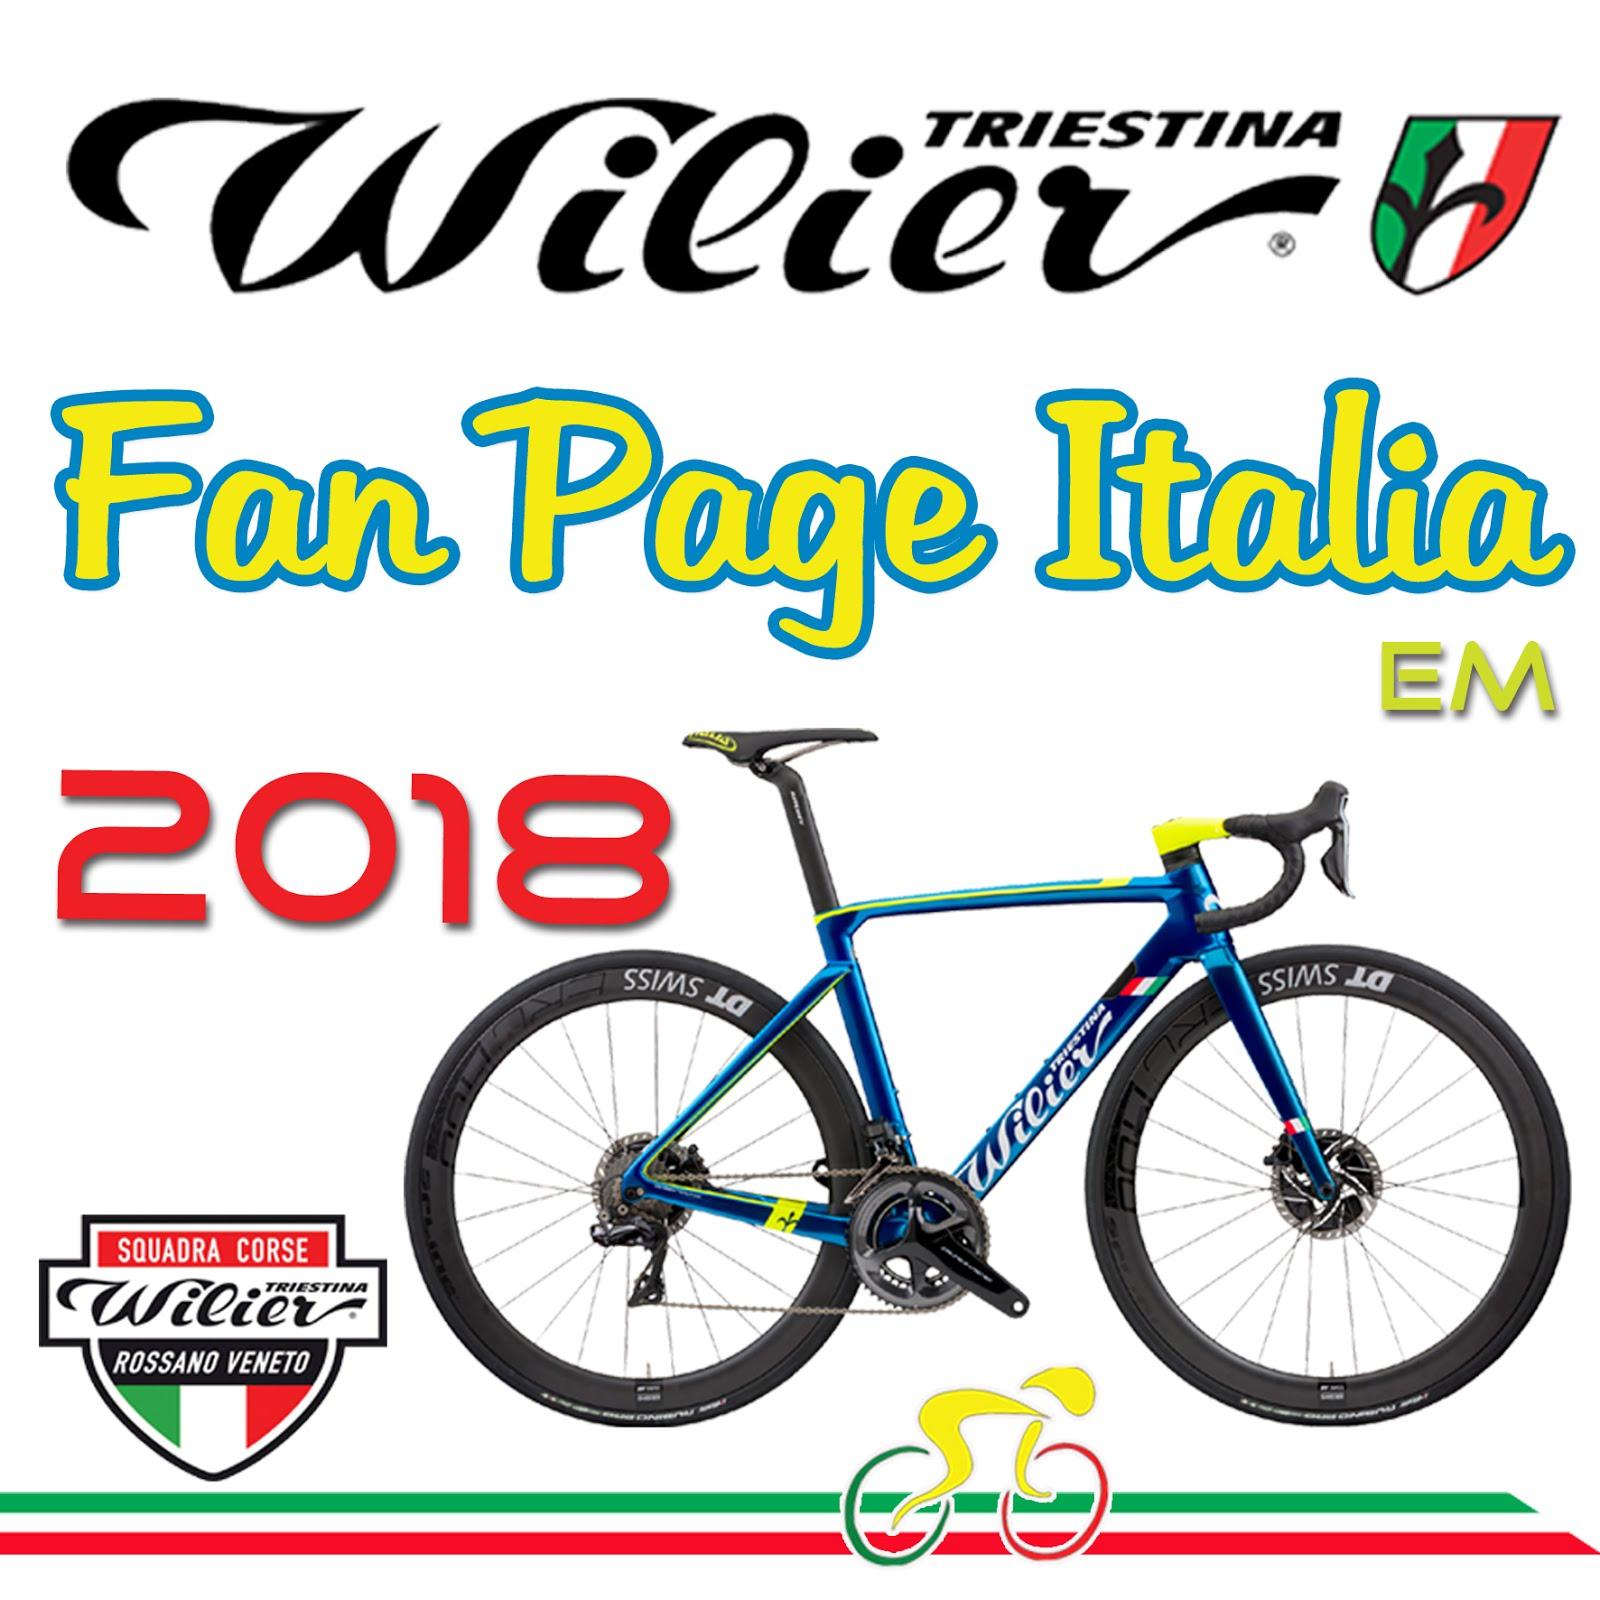 Wilier Triestina Fan Page Italia